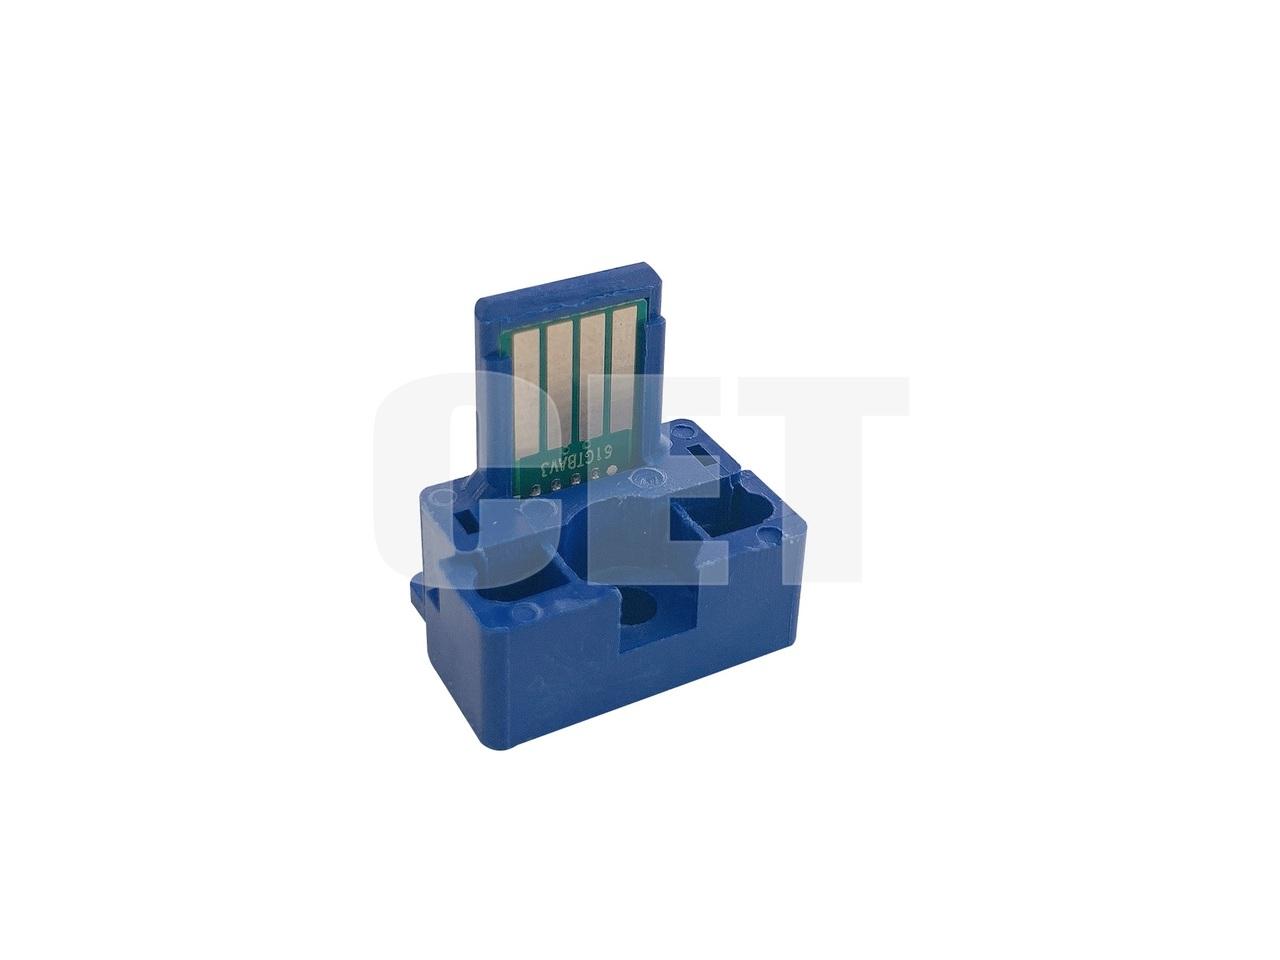 Чип картриджа MX-60GTCA, MX-61GTCA для SHARPMX-2630N (CET) Cyan, 24000 стр., CET381068